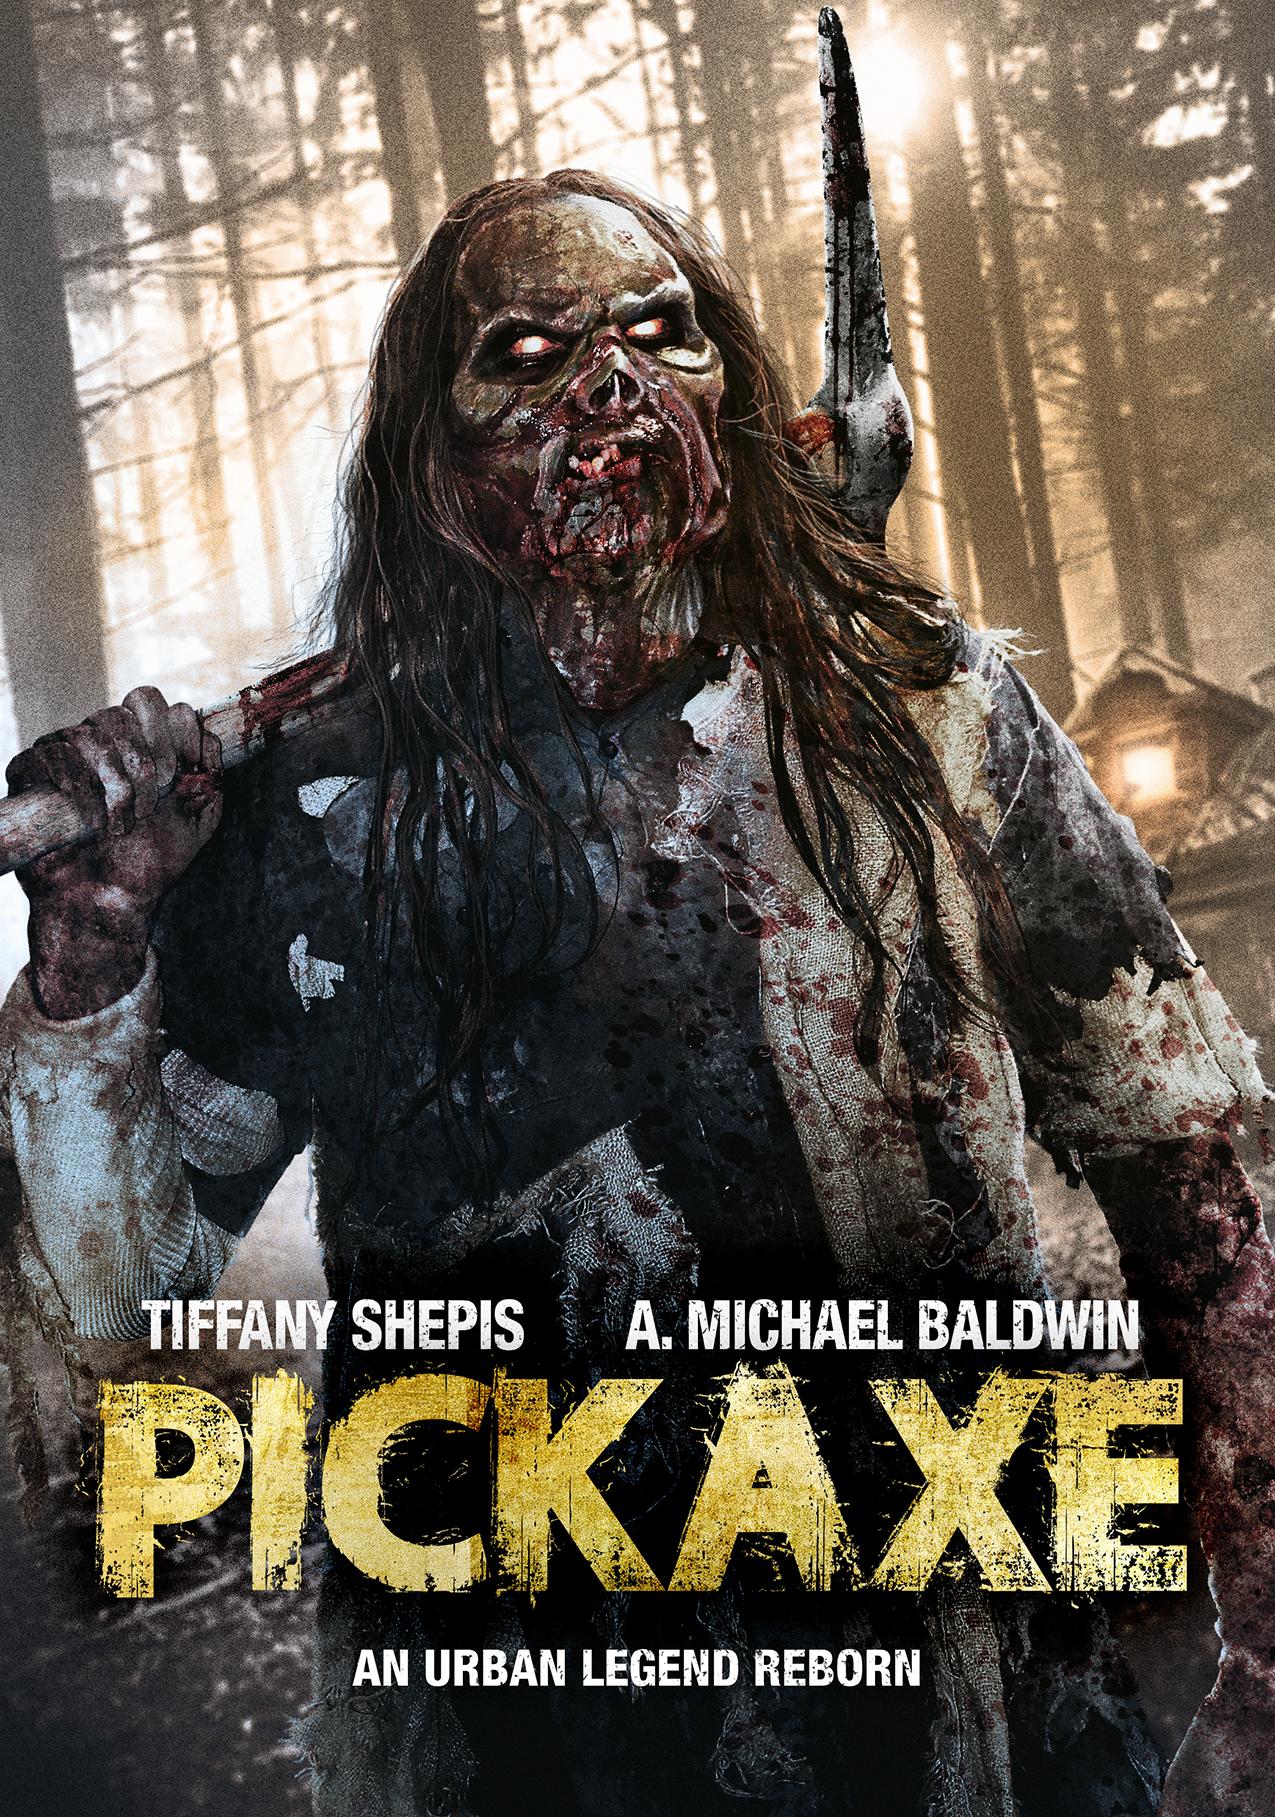 دانلود زیرنویس فارسی فیلم Pickaxe